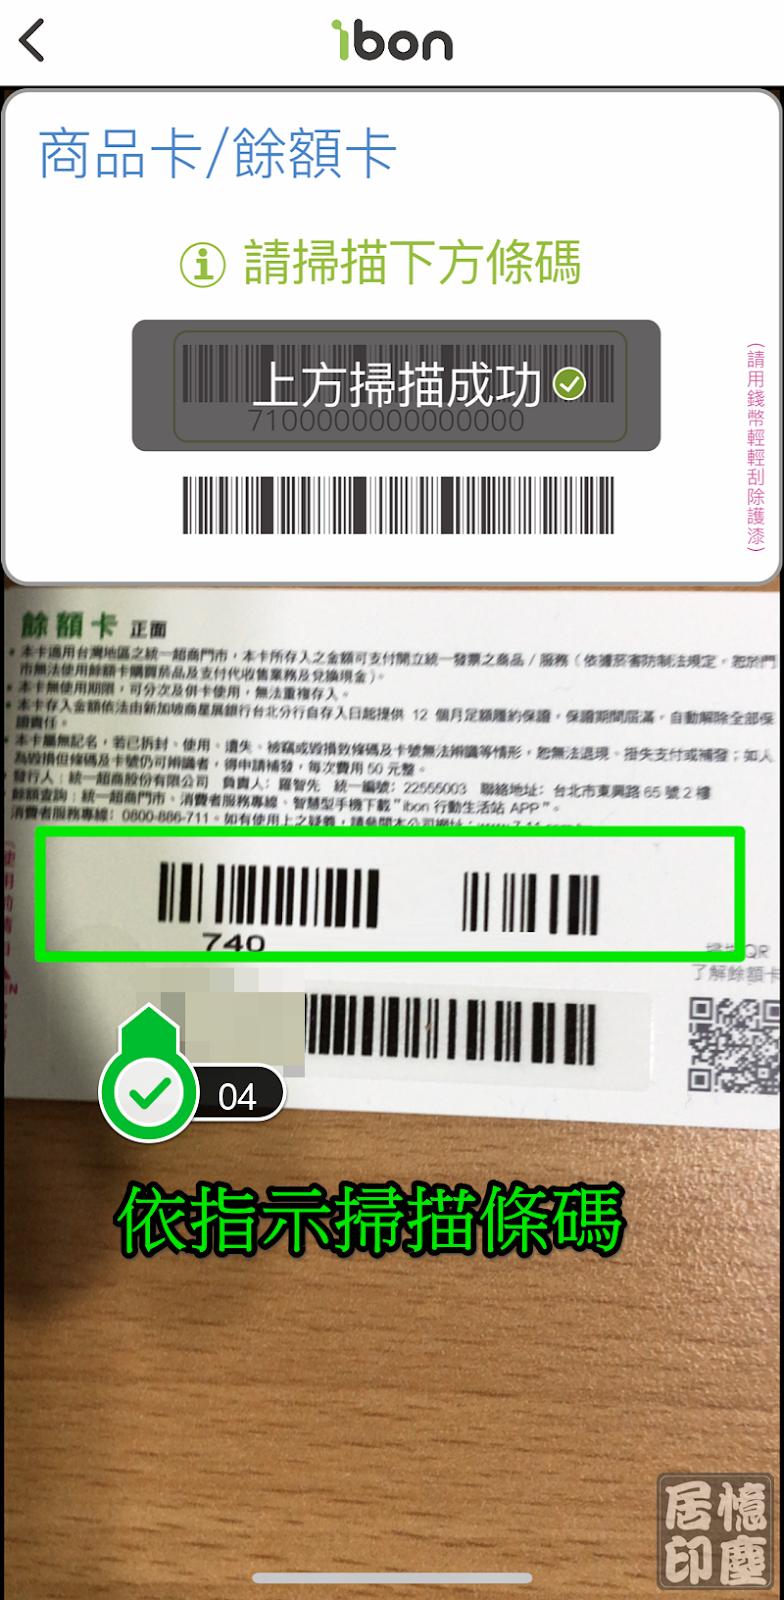 如何查詢7-11商品卡/餘額卡中的餘額